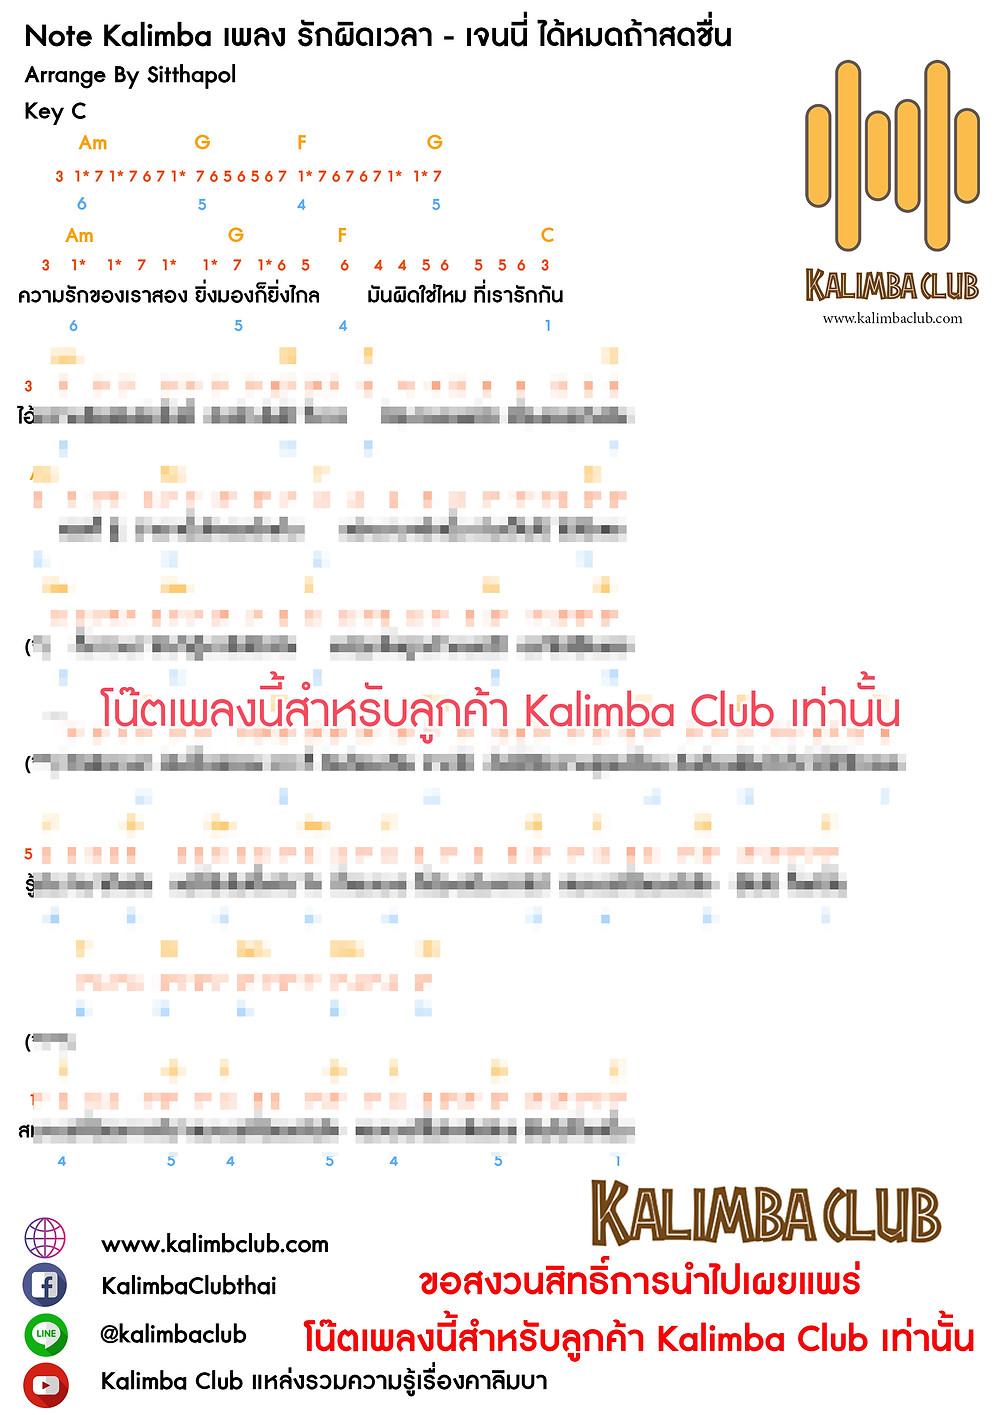 โน๊ต kalimba เพลงไทย รักผิดเวลา - เจนนี่ ได้หมดถ้าสดชื่น